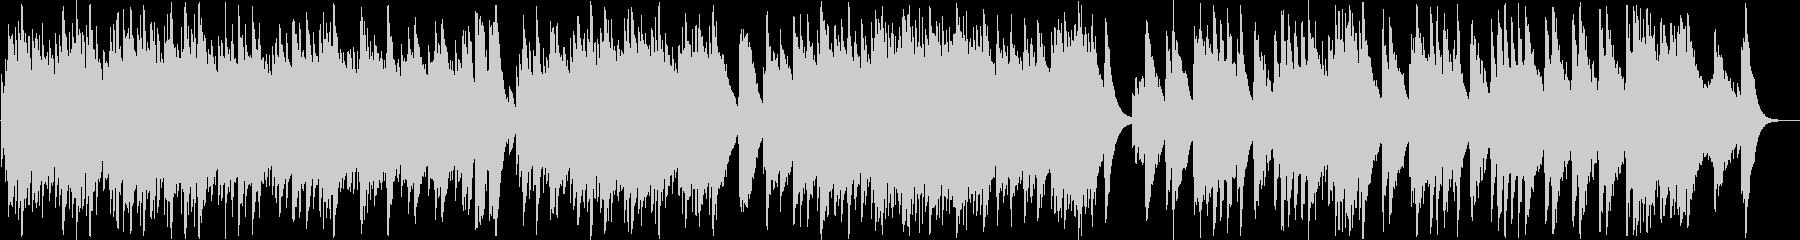 交響曲第40番第1楽章/モーツァルトの未再生の波形